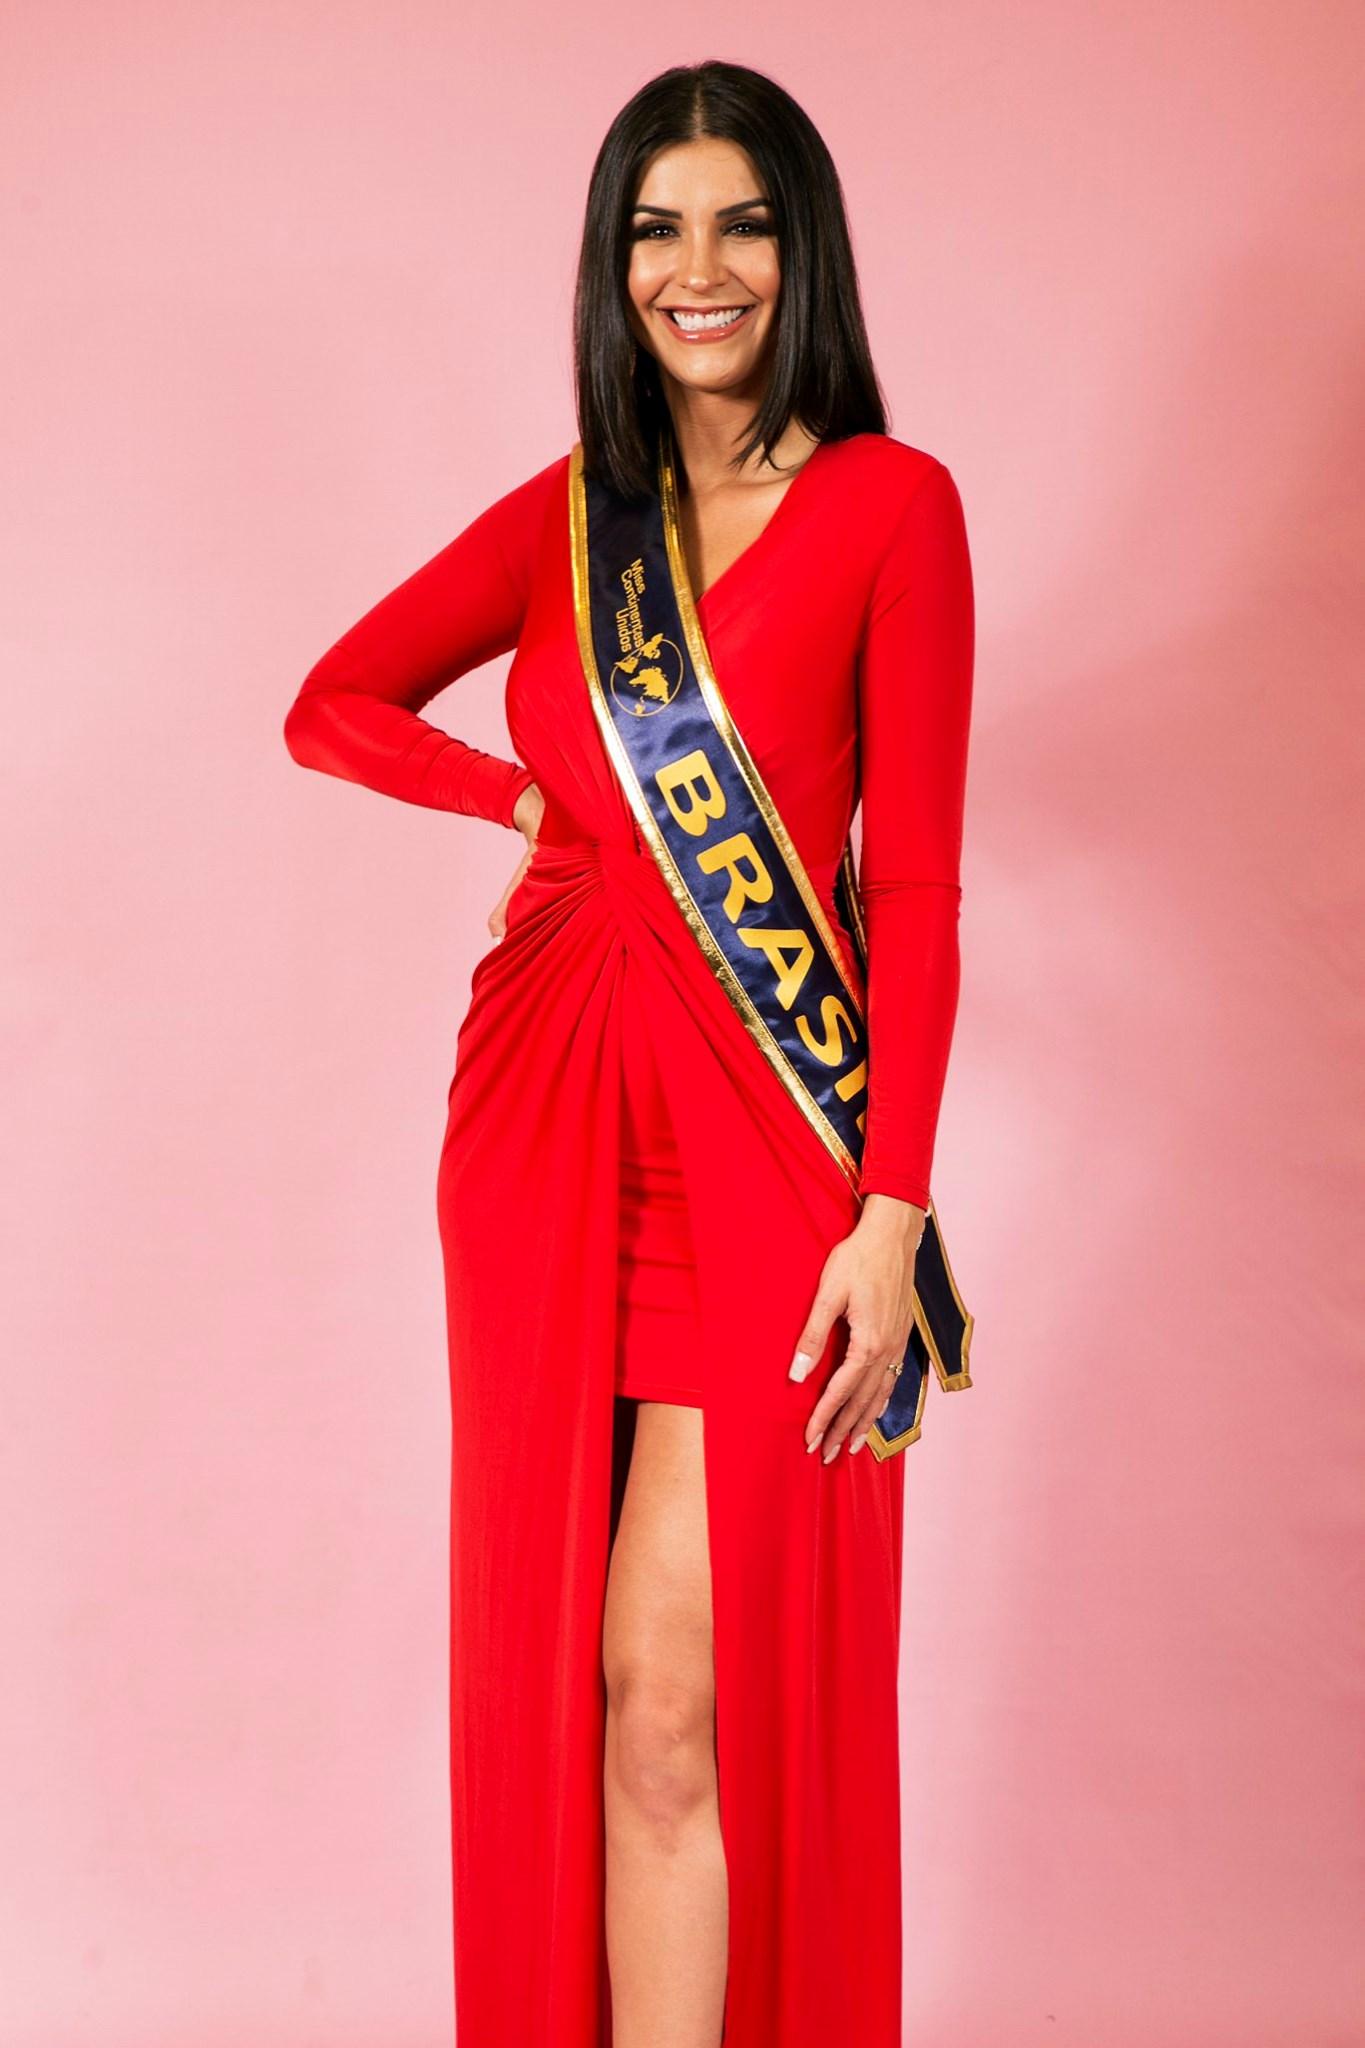 thylara brenner, miss brasil continentes unidos 2019. - Página 11 70875410